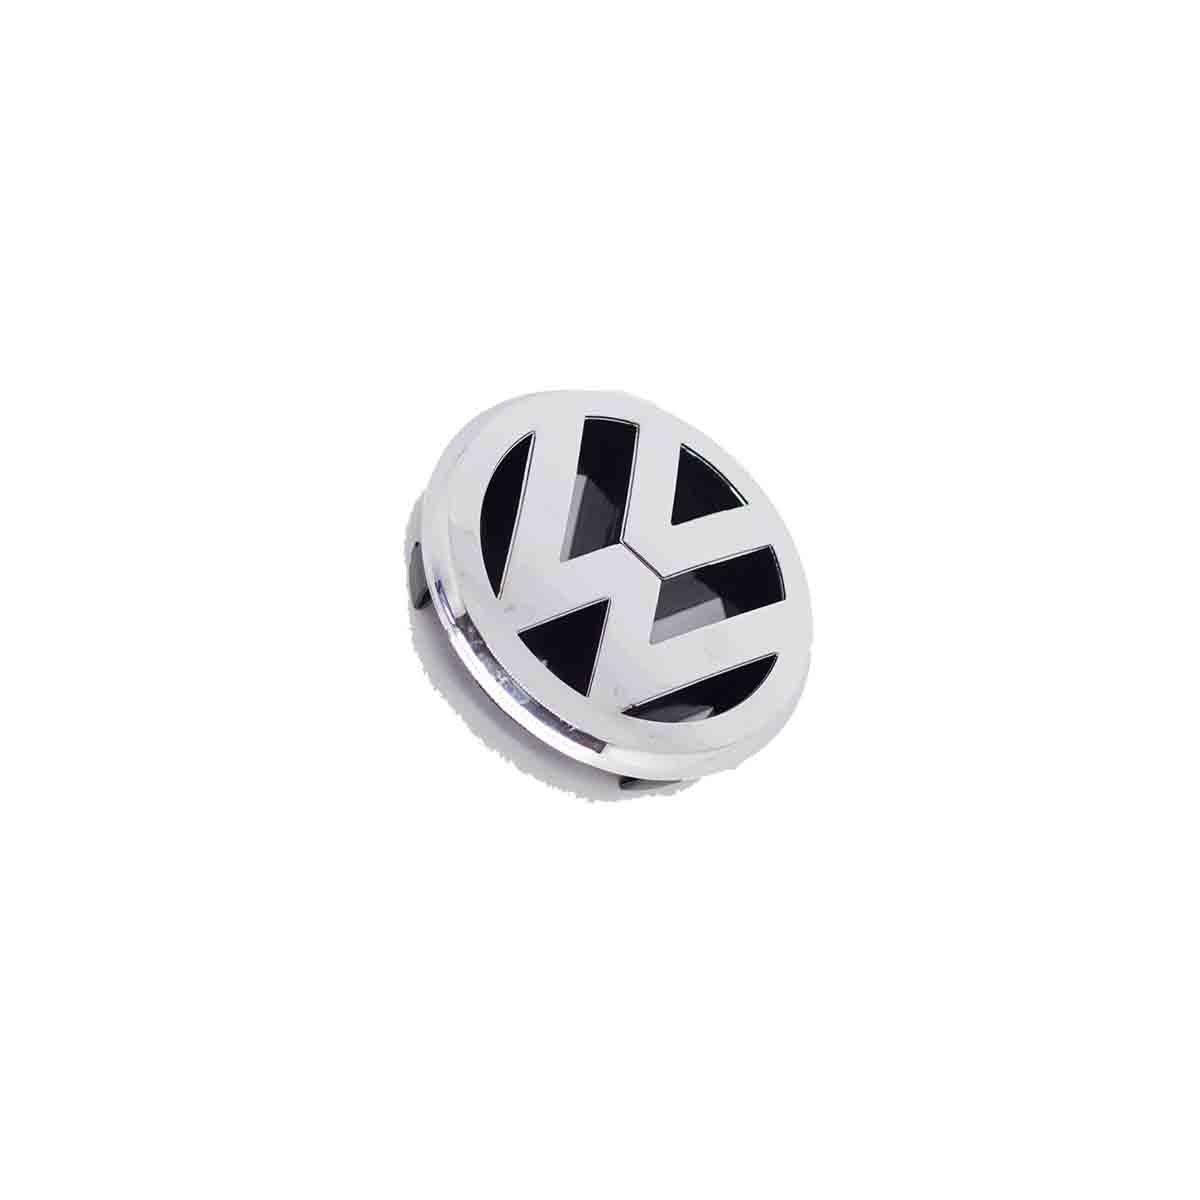 Emblema Grade Gol G5/Kombi G4